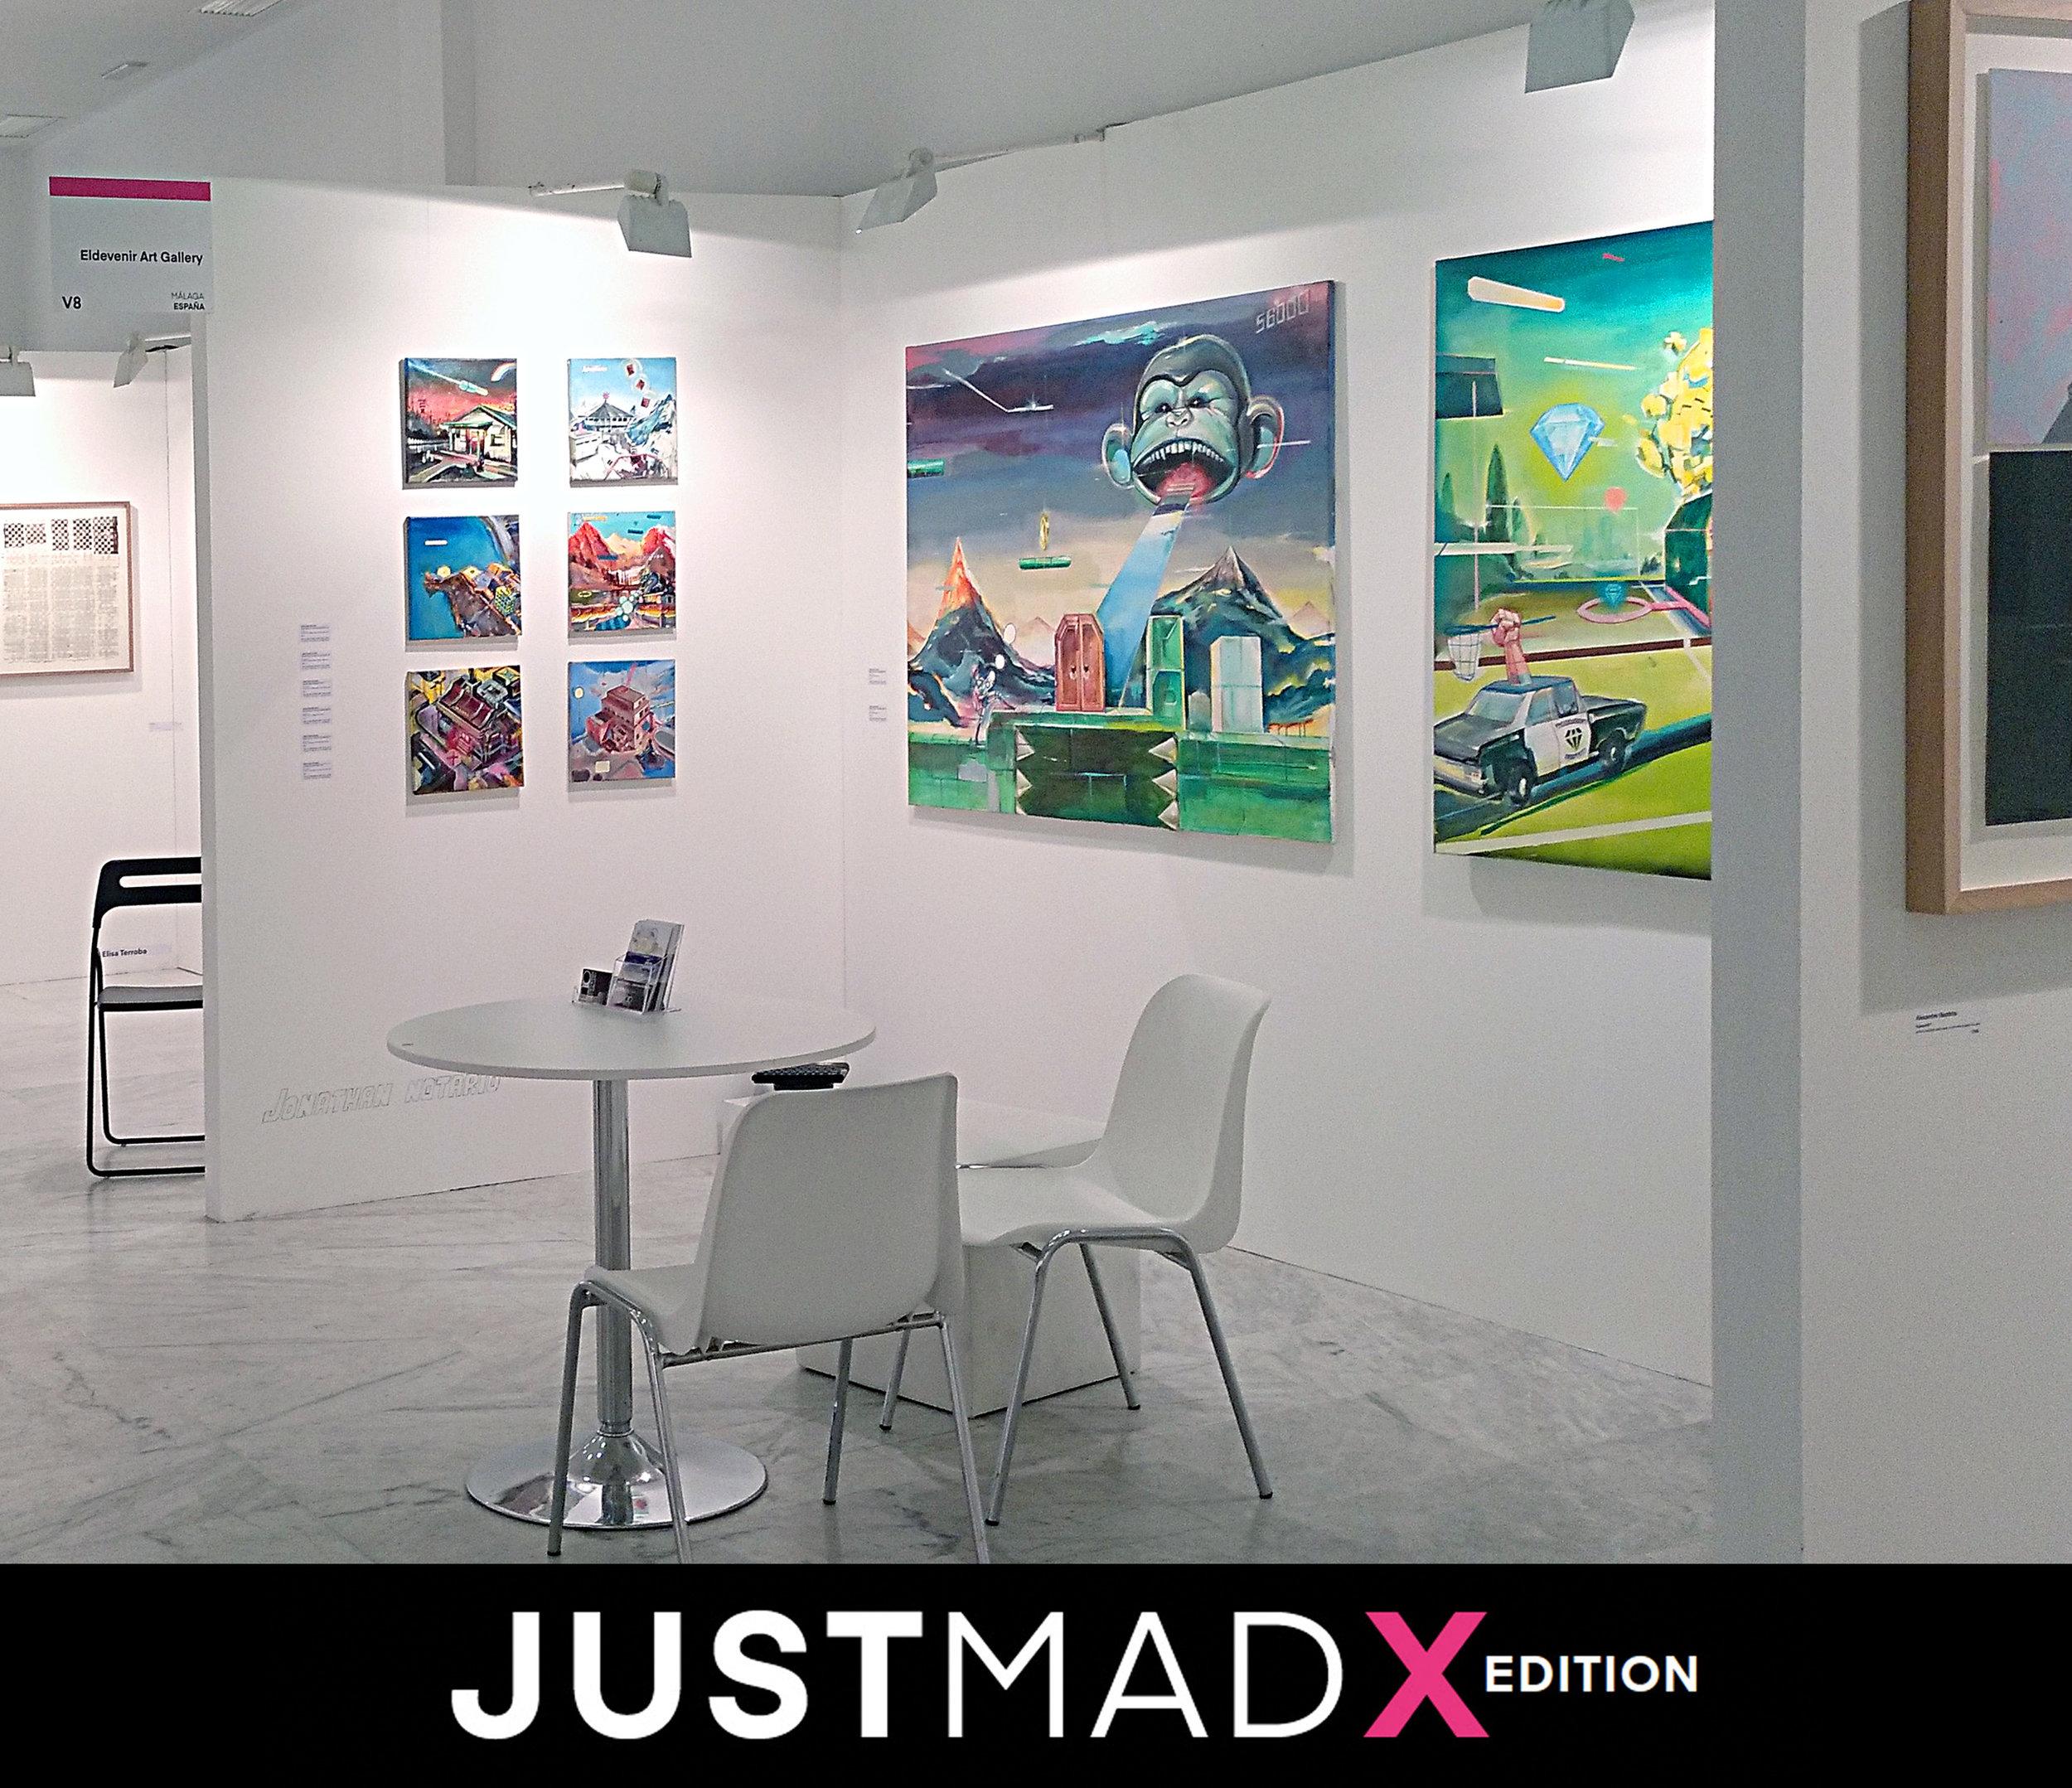 Simon Zabell + Jonathan Notario, JUSTMAD X - 26 febrero - 3 marzo 2019Booth V8Contemporay Art FairPalacio de NeptunoMadrid, España.